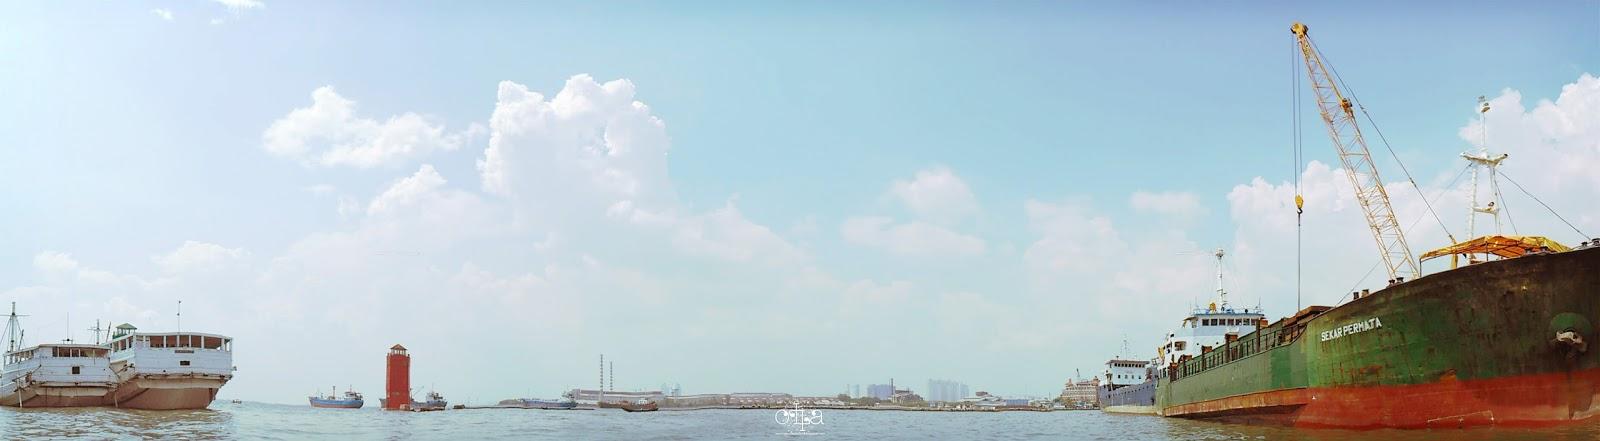 Sekilas Pesona di Pelabuhan Sunda Kelapa